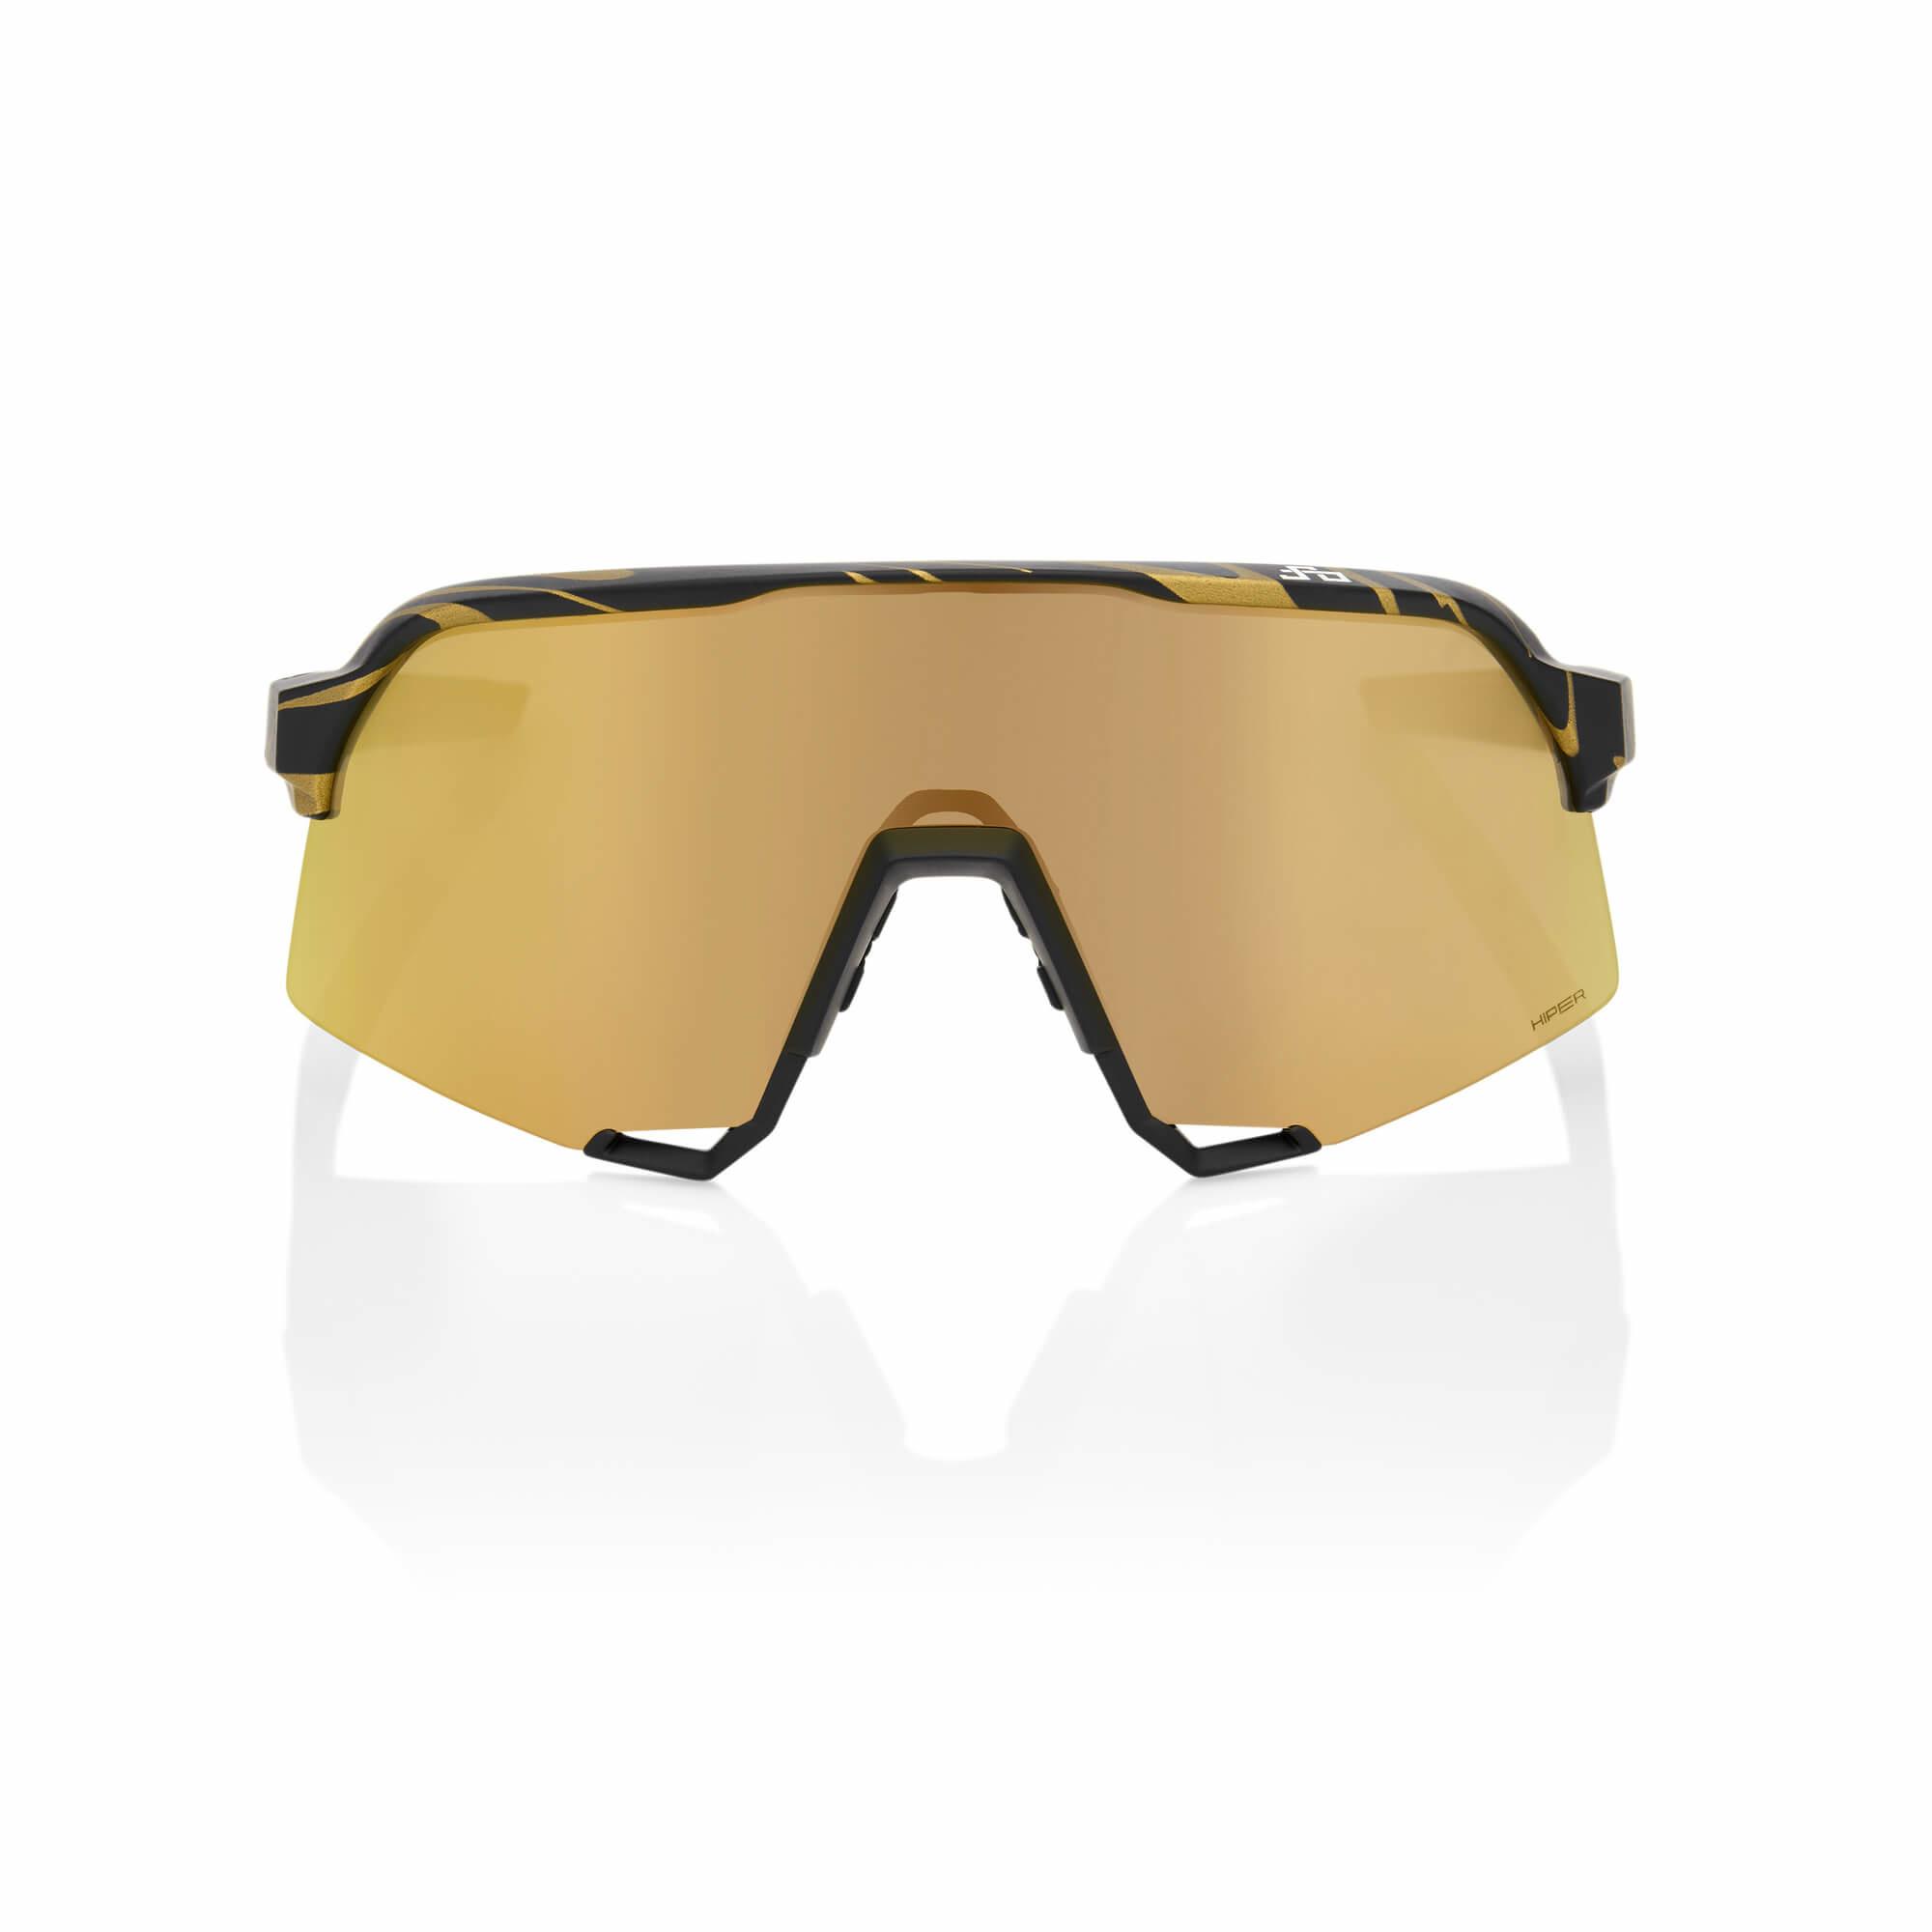 S3 Peter Sagan LE Metallic Gold Flake Hiper Gold Mirror Lens-2